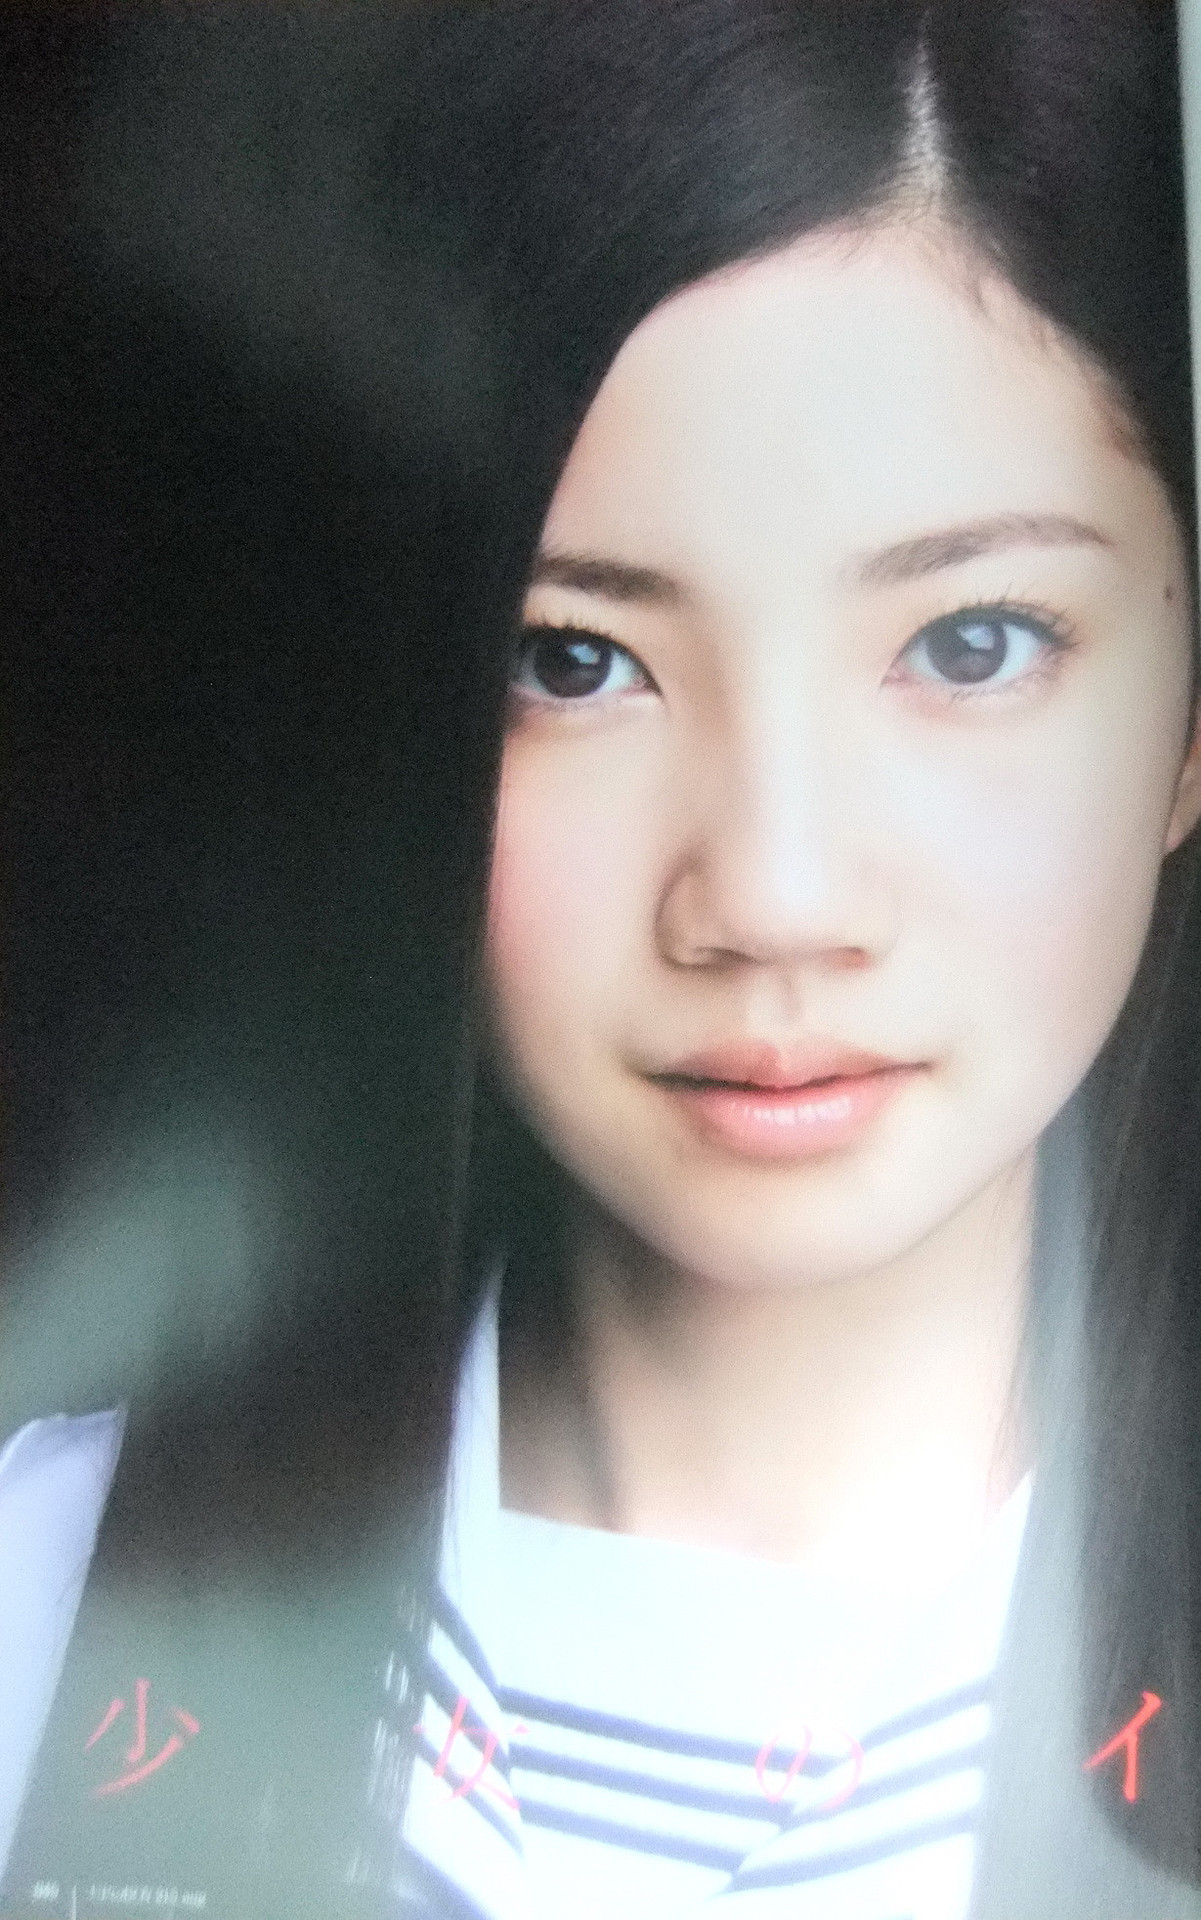 北川綾巴さんのポートレート